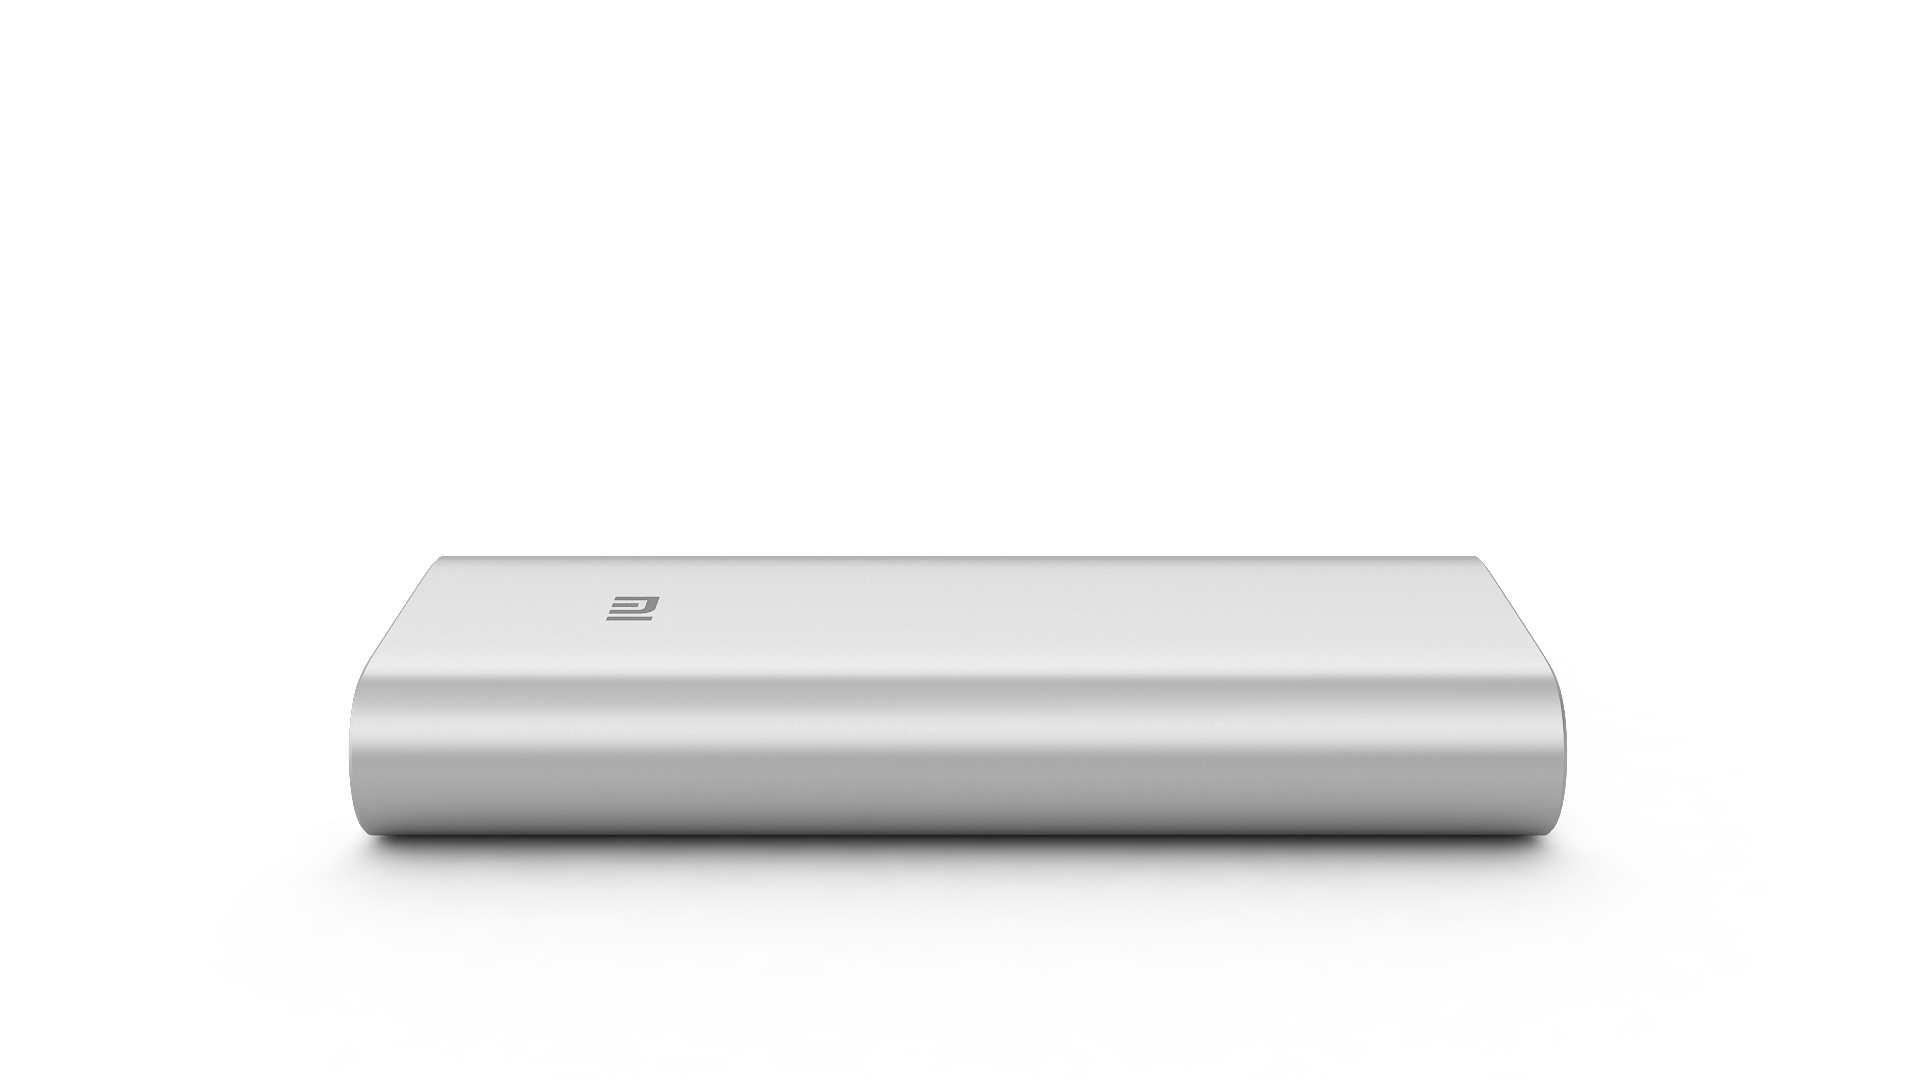 Strona gł³wna Ciekawostki Powerbank mAh od Xiaomi z portem USB typu C Ciekawostki